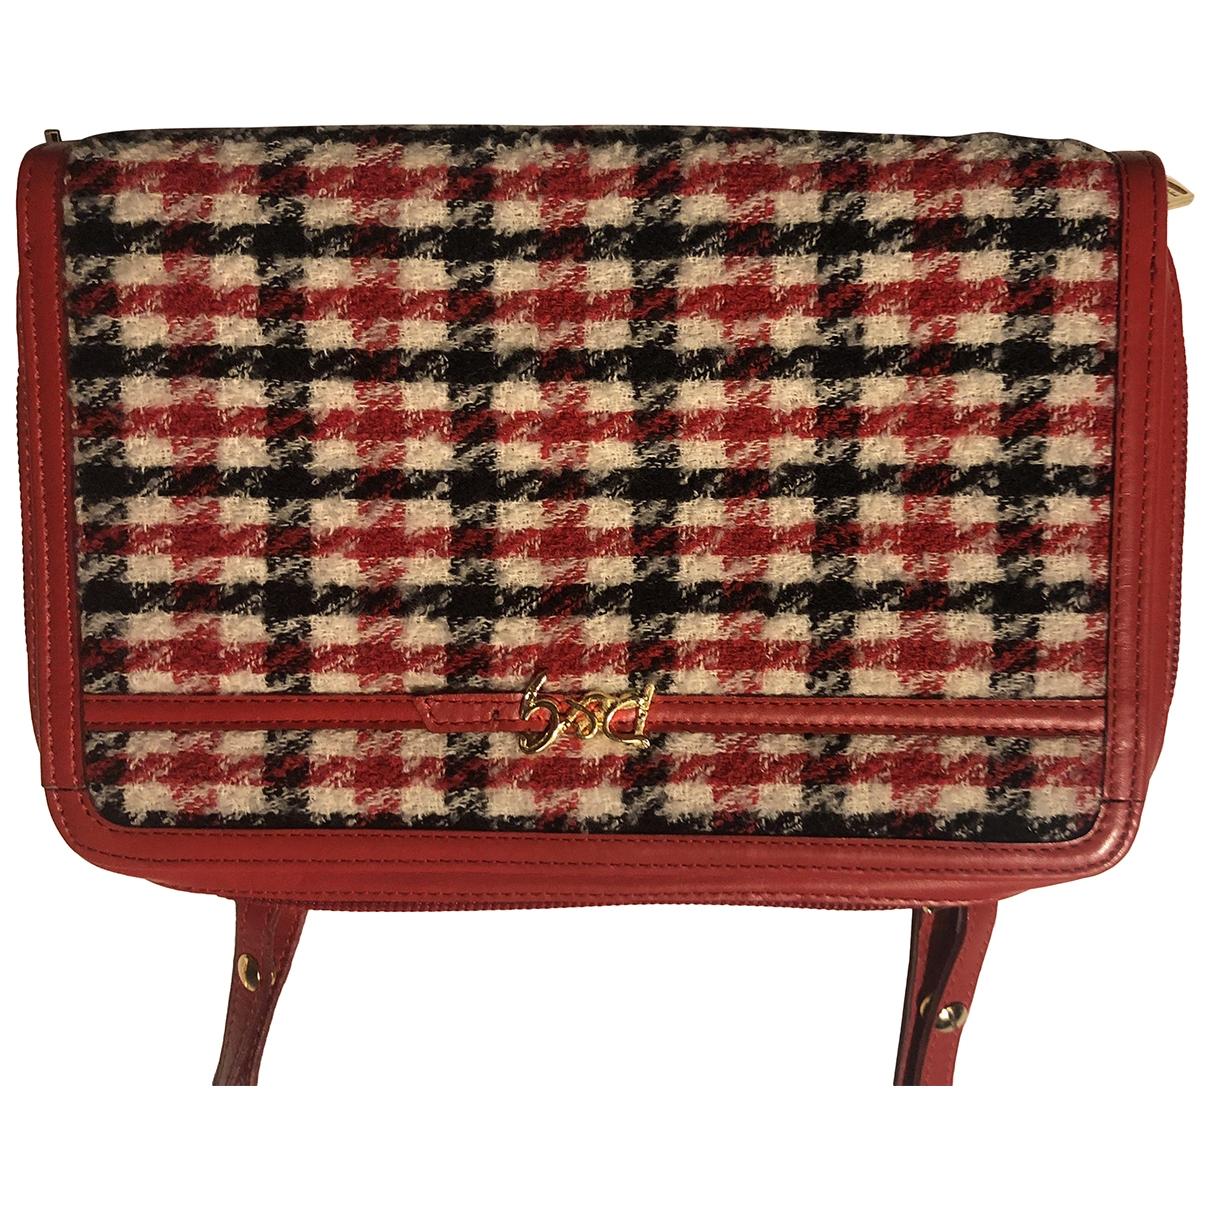 D&g \N Multicolour Wool handbag for Women \N